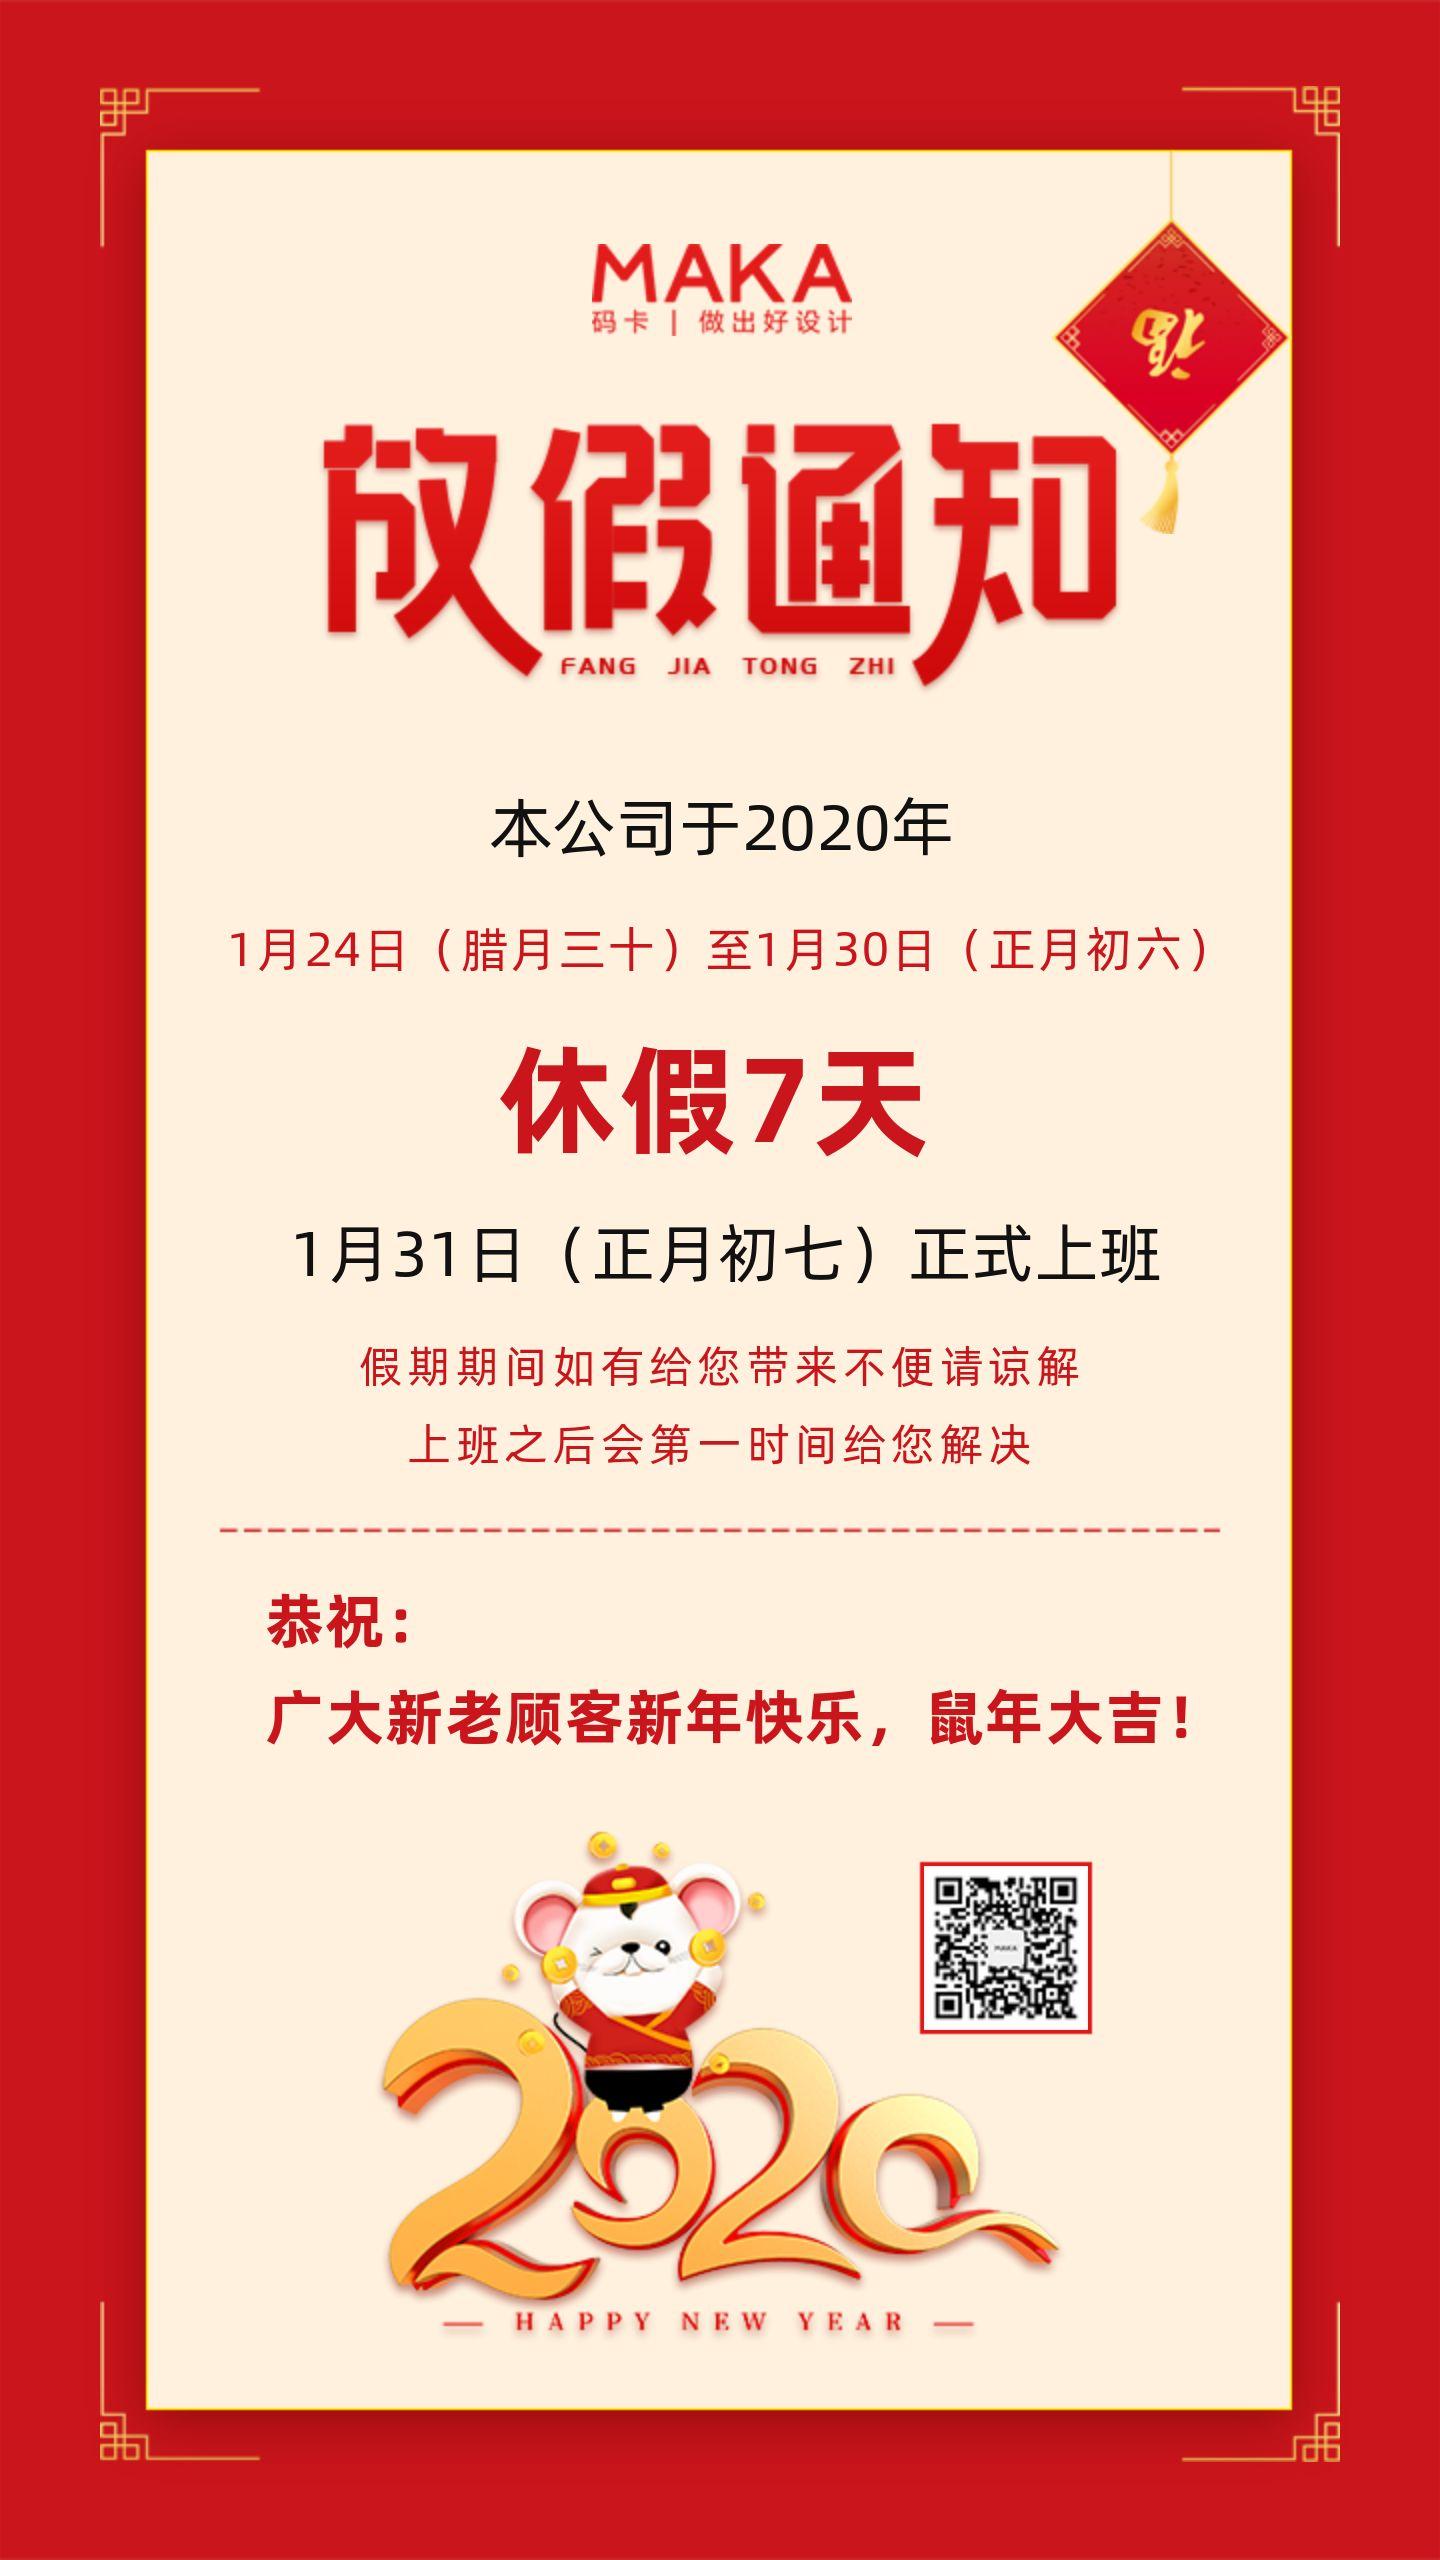 2020新年春节放假通知宣传海报